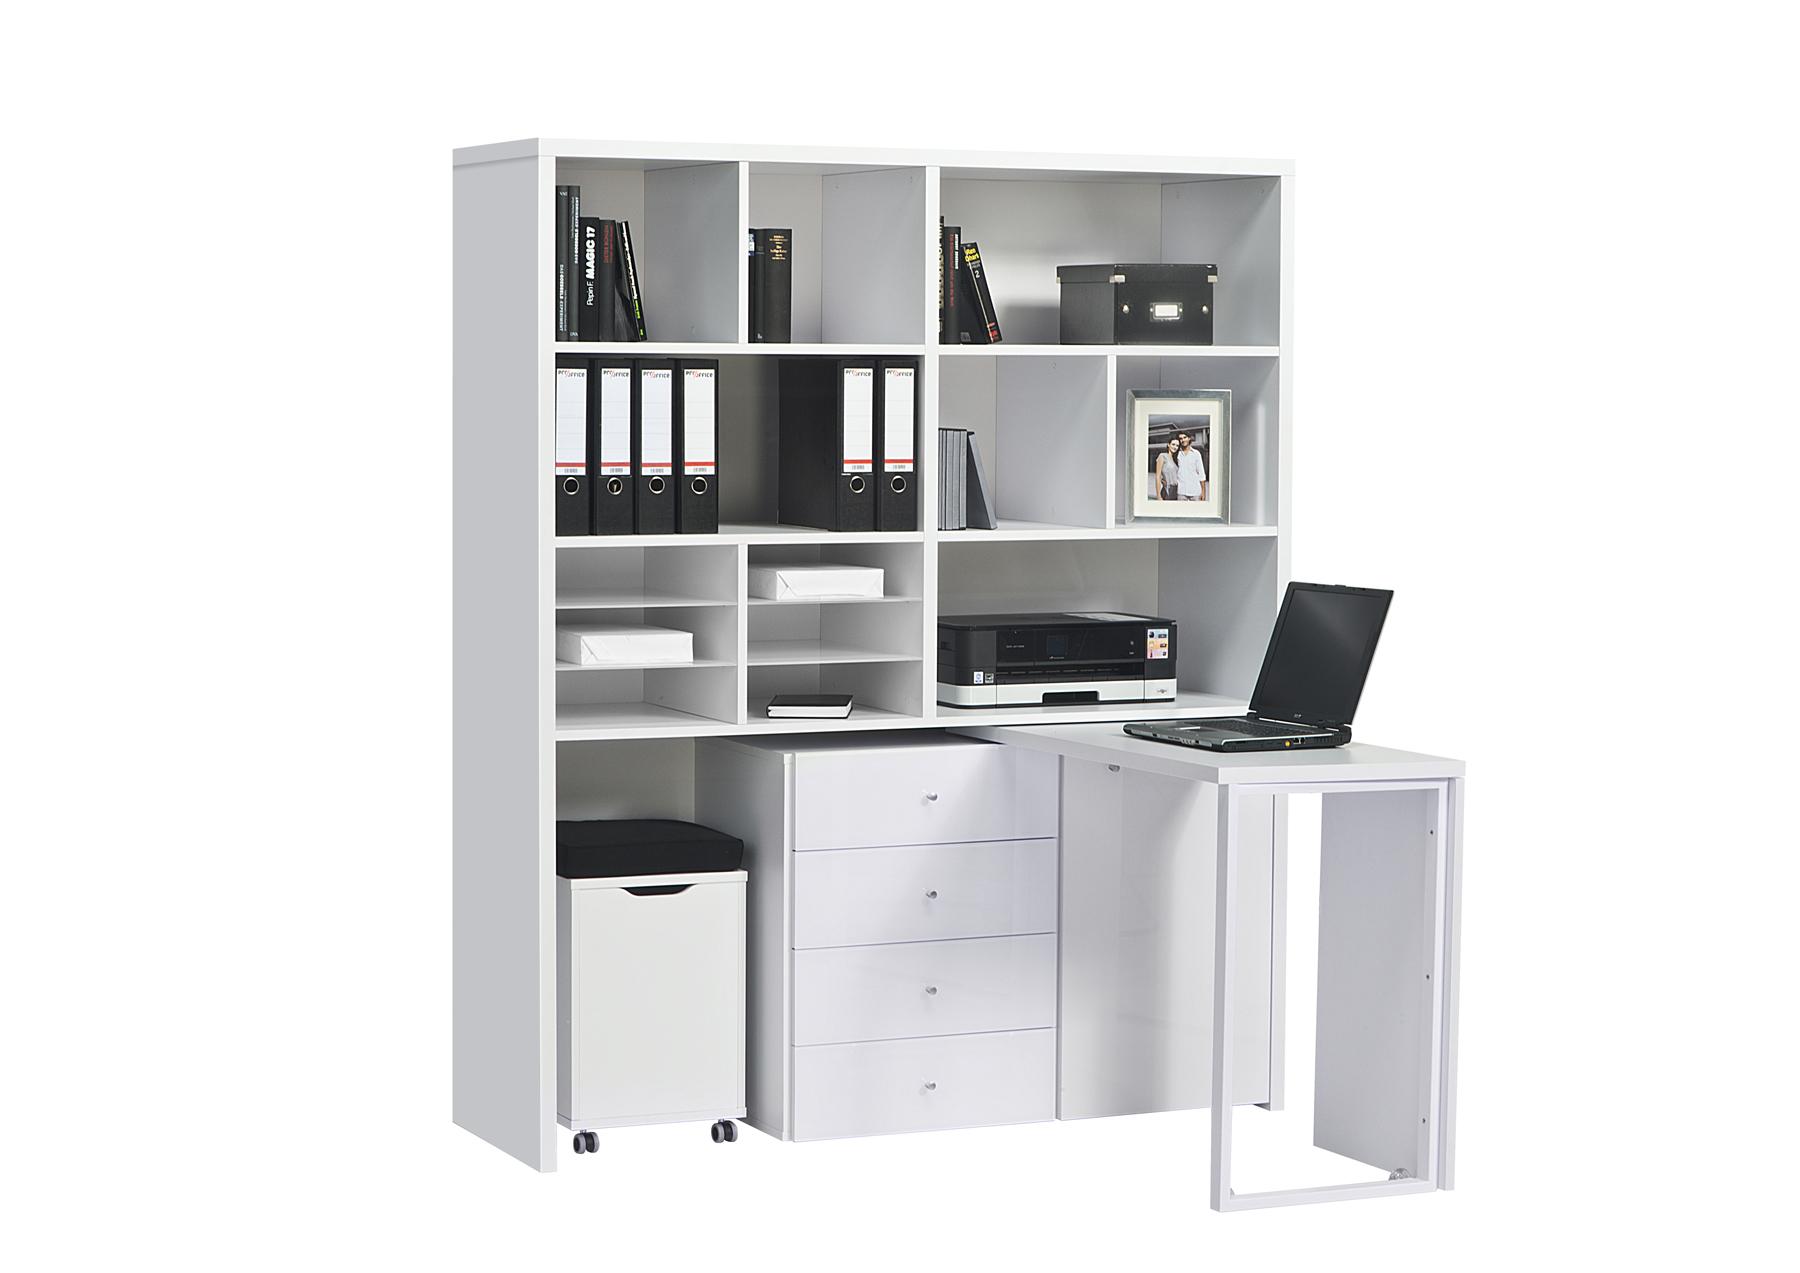 minioffice schreibtisch regal hocker kombination mod mj131 icy wei wei glas ebay. Black Bedroom Furniture Sets. Home Design Ideas